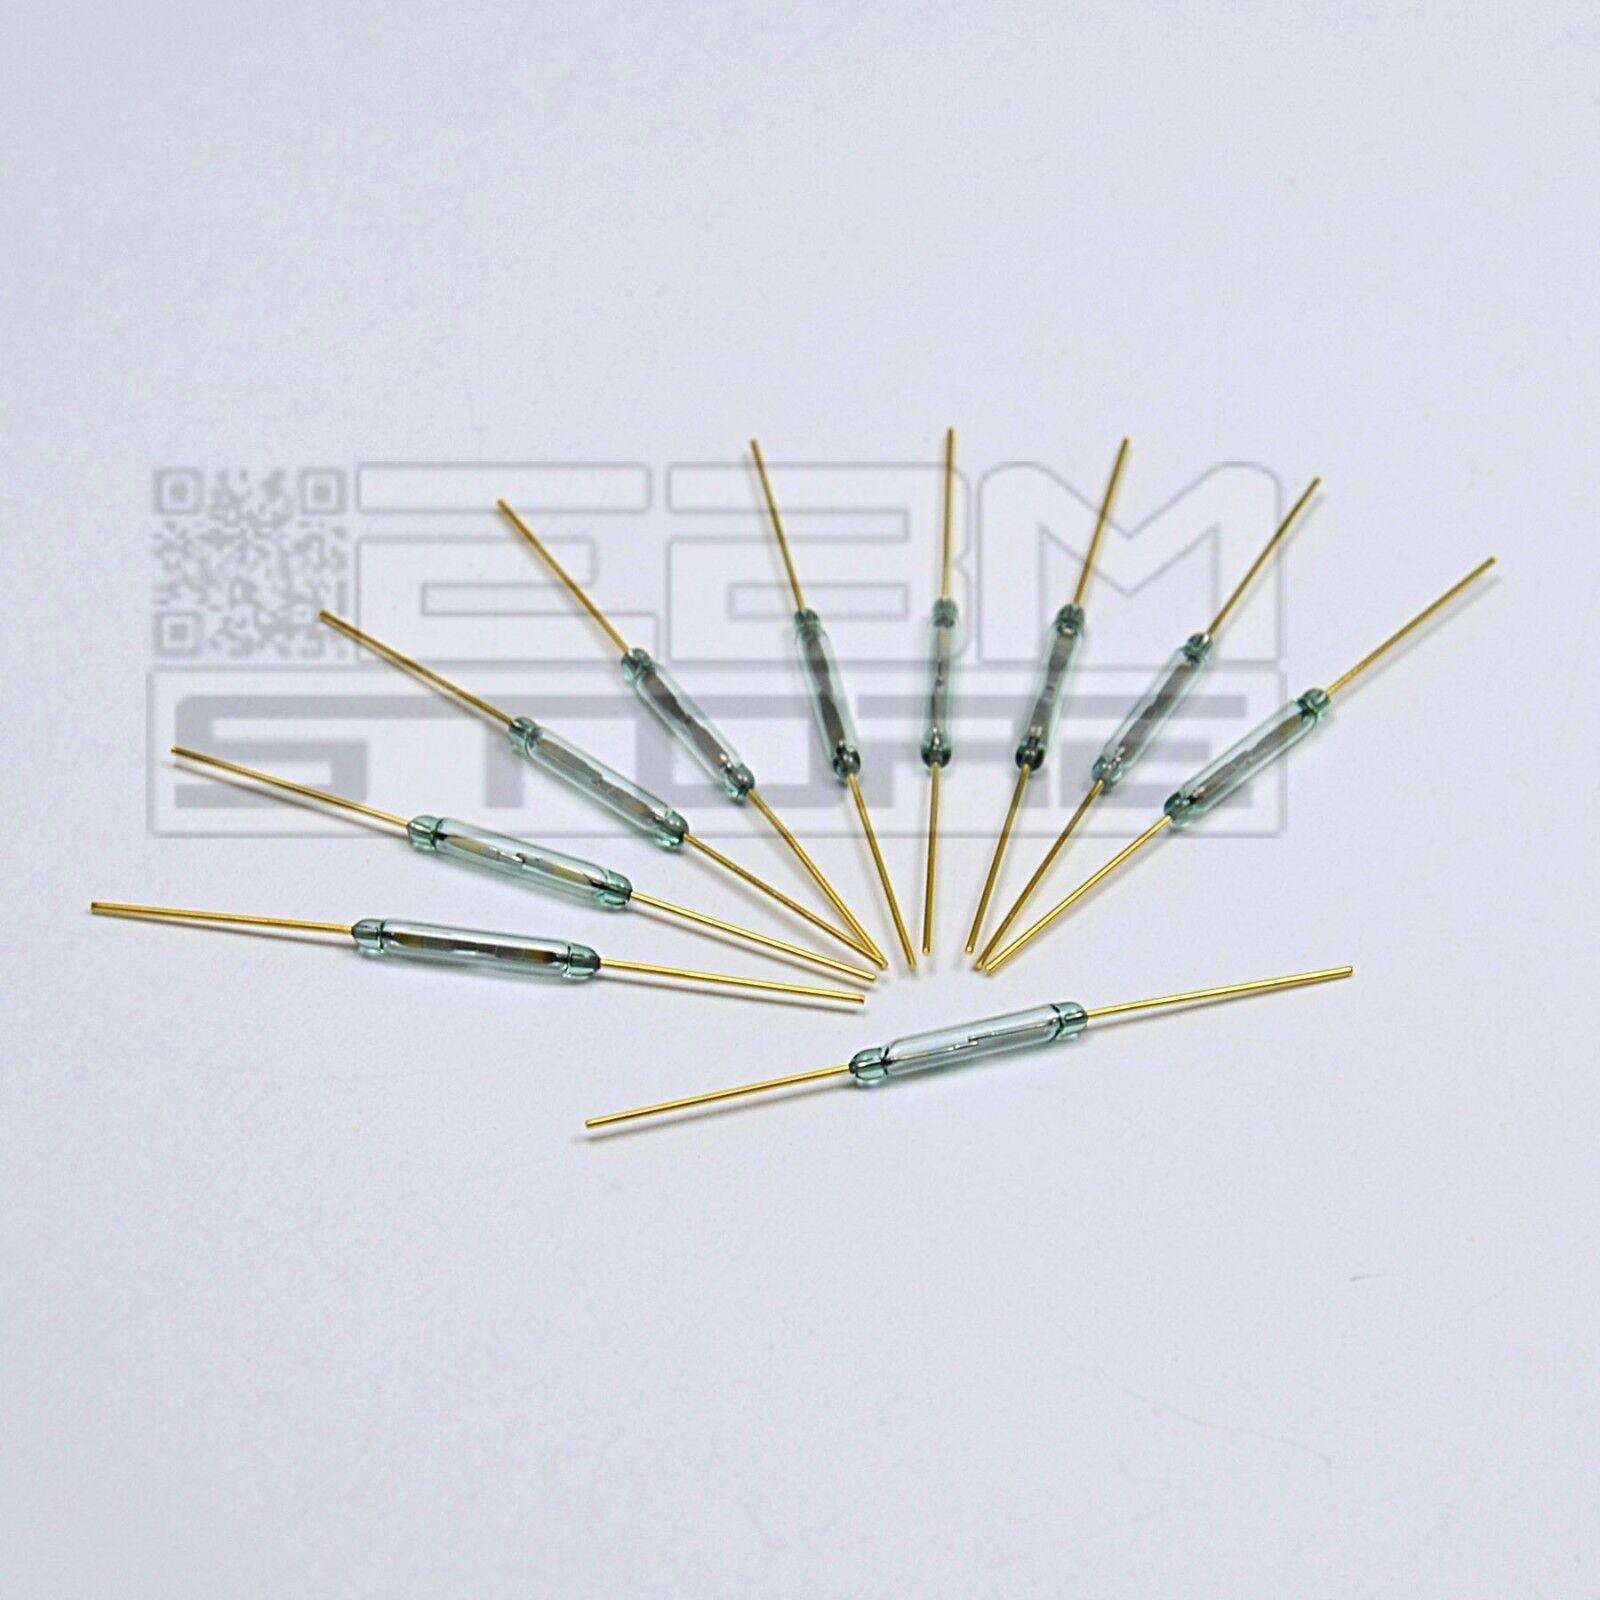 10 pz. Relè reed ad ampolla contatto magnetico effetto hall arduino - ART. CE21